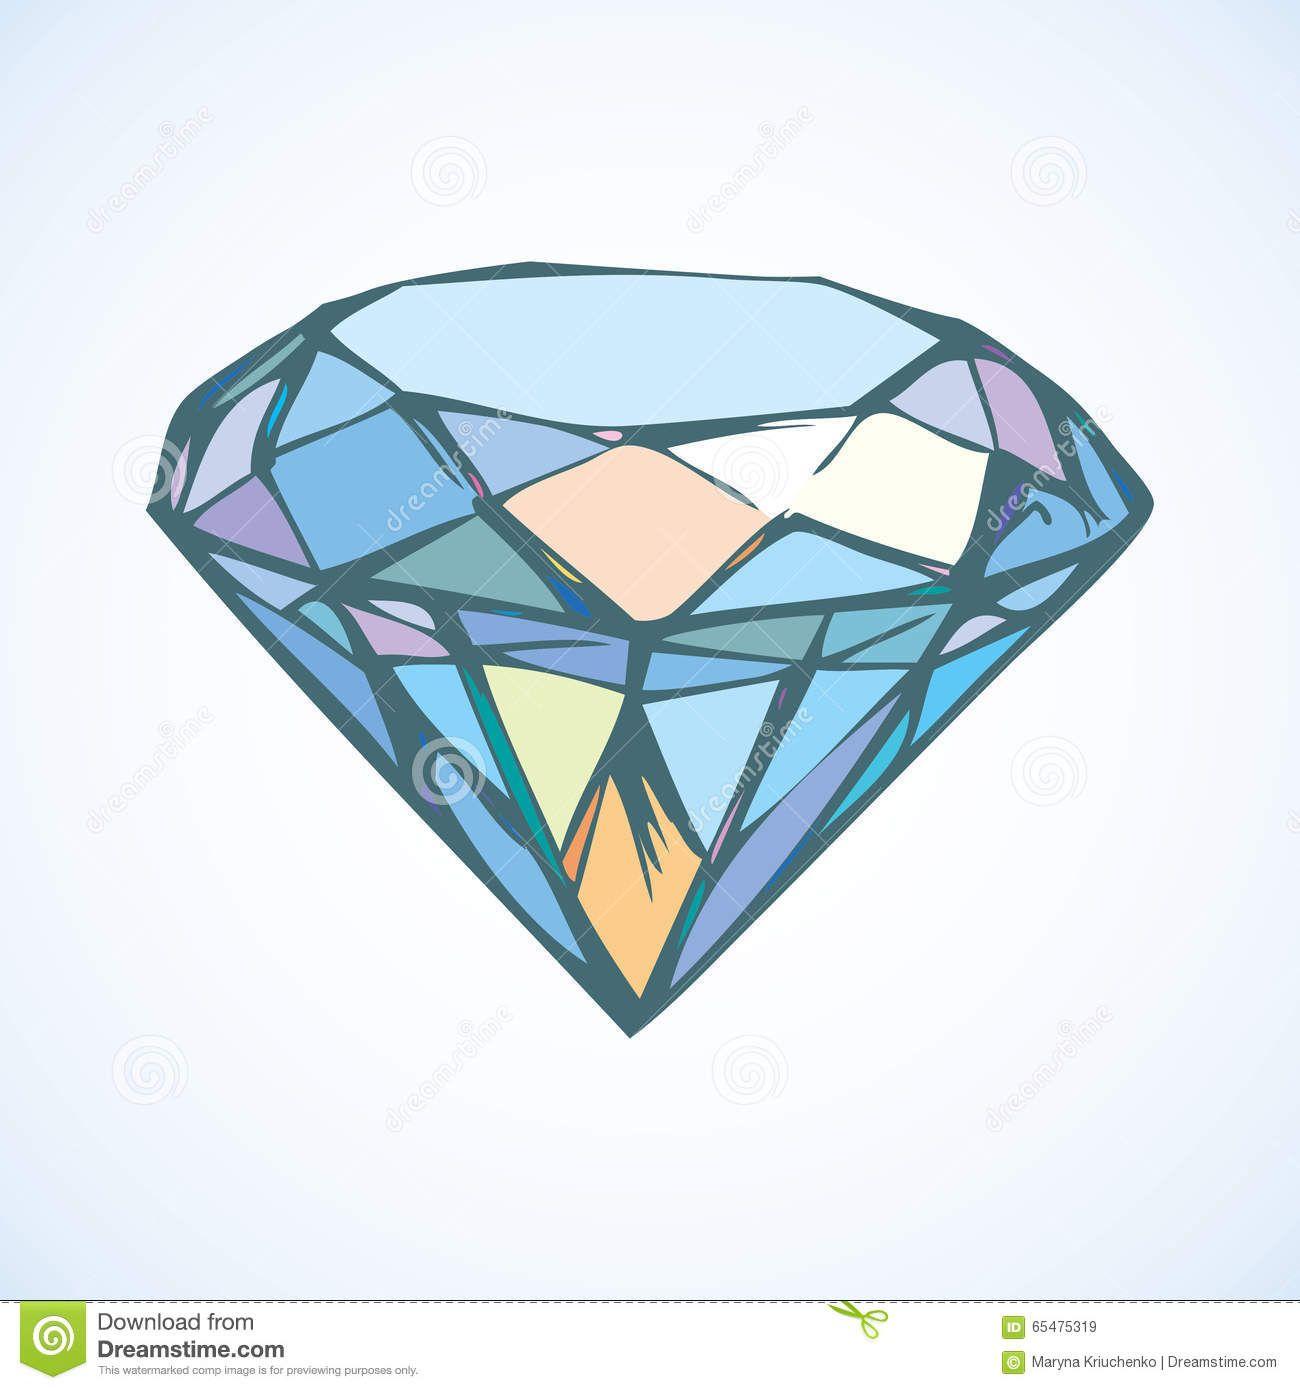 Картинки по запросу нарисованный алмаз | Нарисованный ...